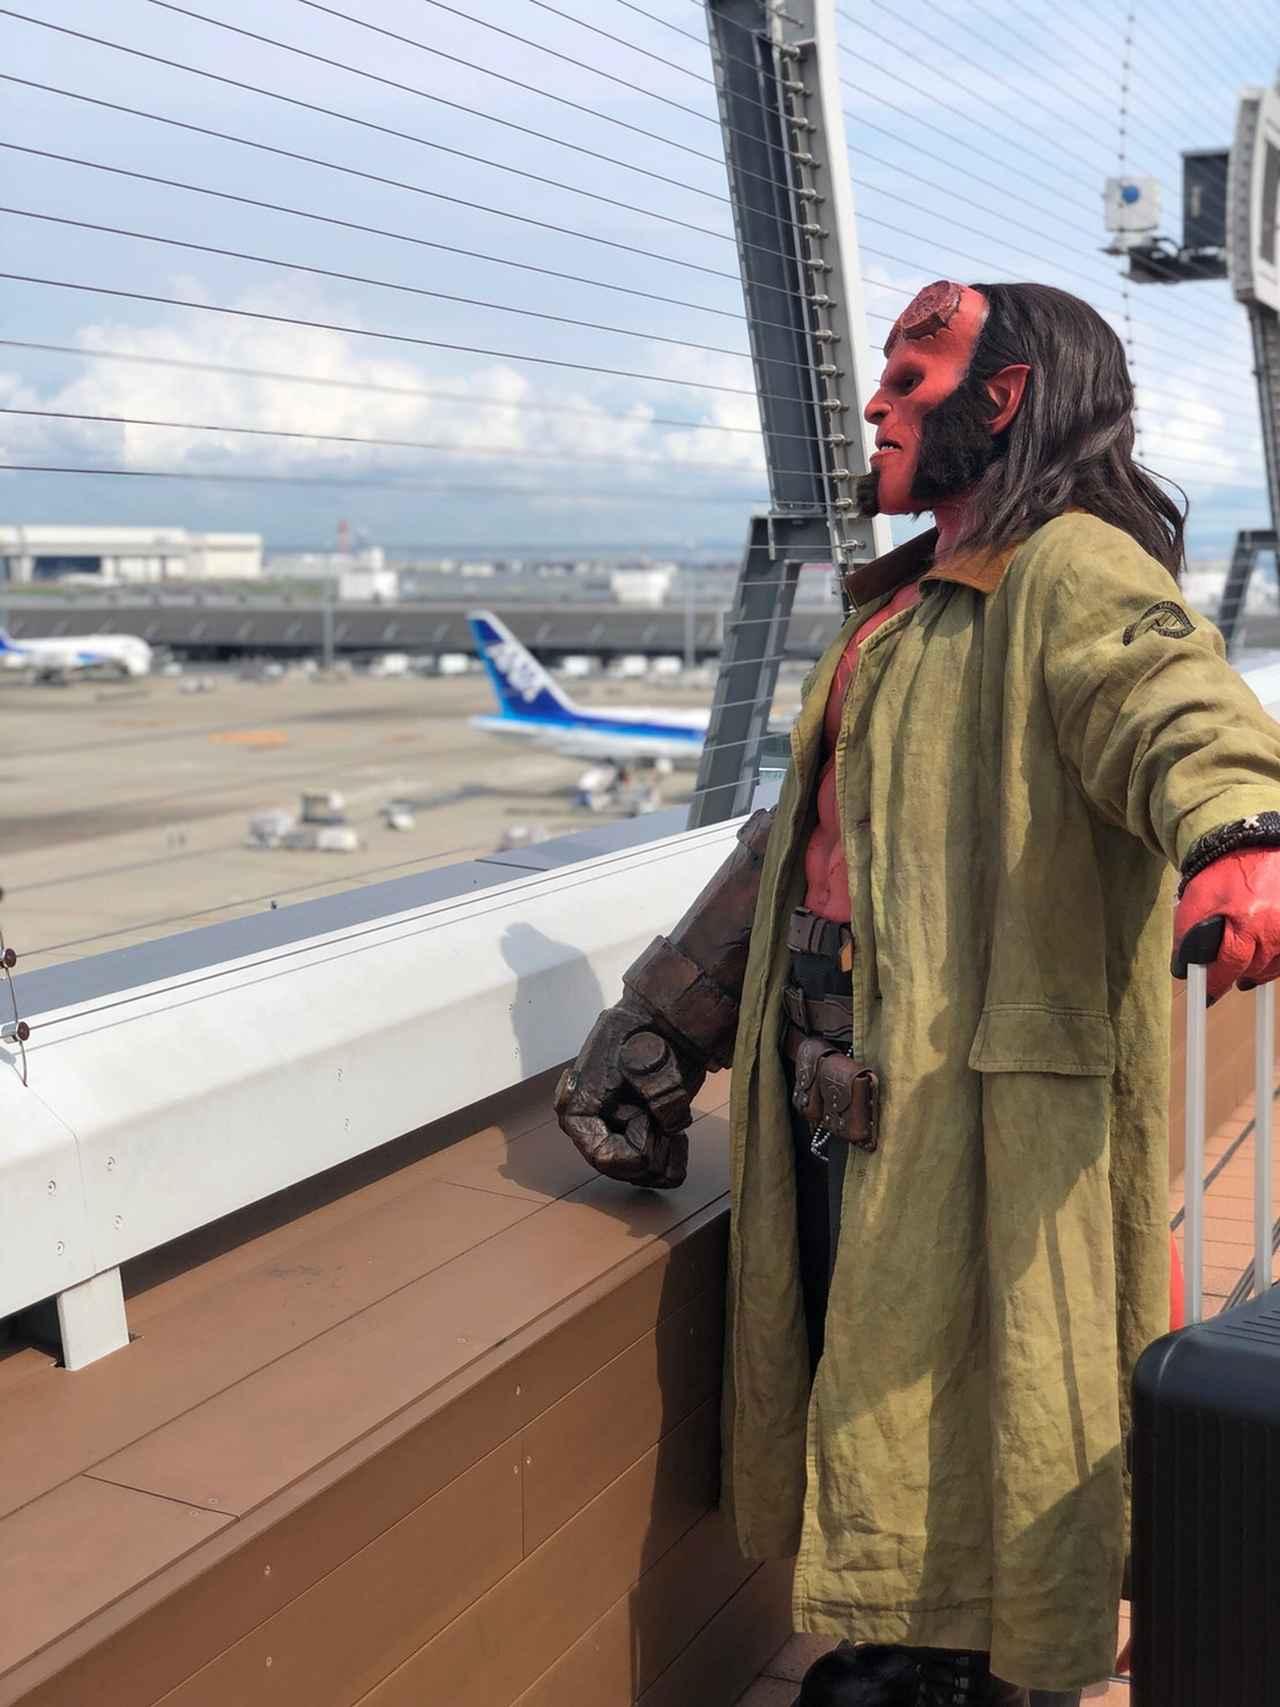 画像: 展望デッキから日本の風景を楽しむヘルボーイ